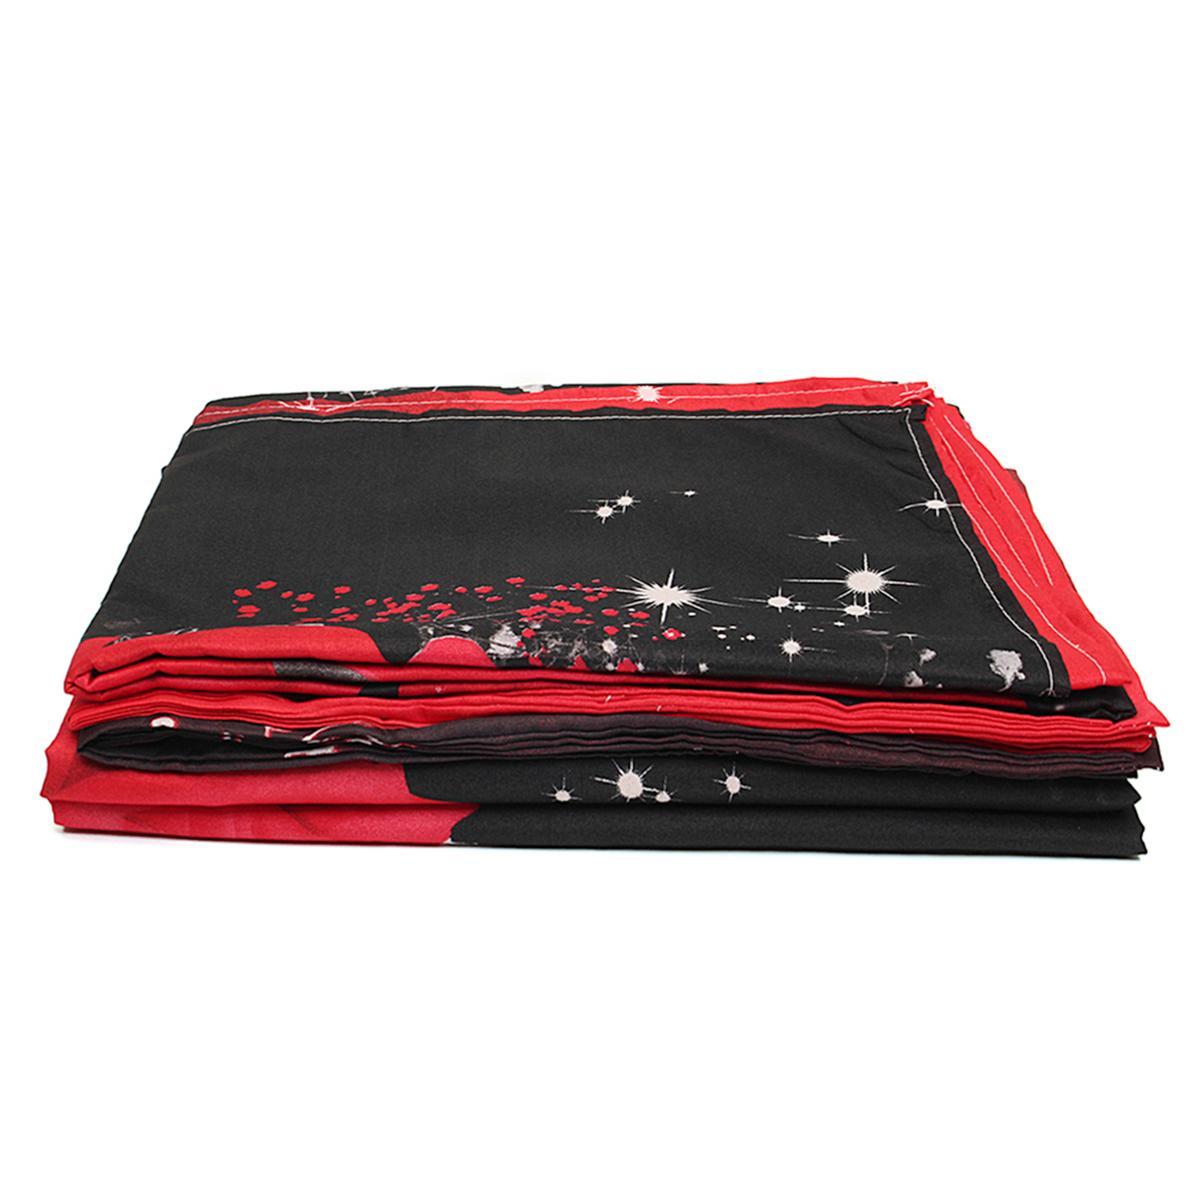 4шт.3D-изображенияНаборыдляпостельного белья Комплект подошв 1 Одеяло Обложка 1 Оборудованный лист 2 Подушки - фото 4